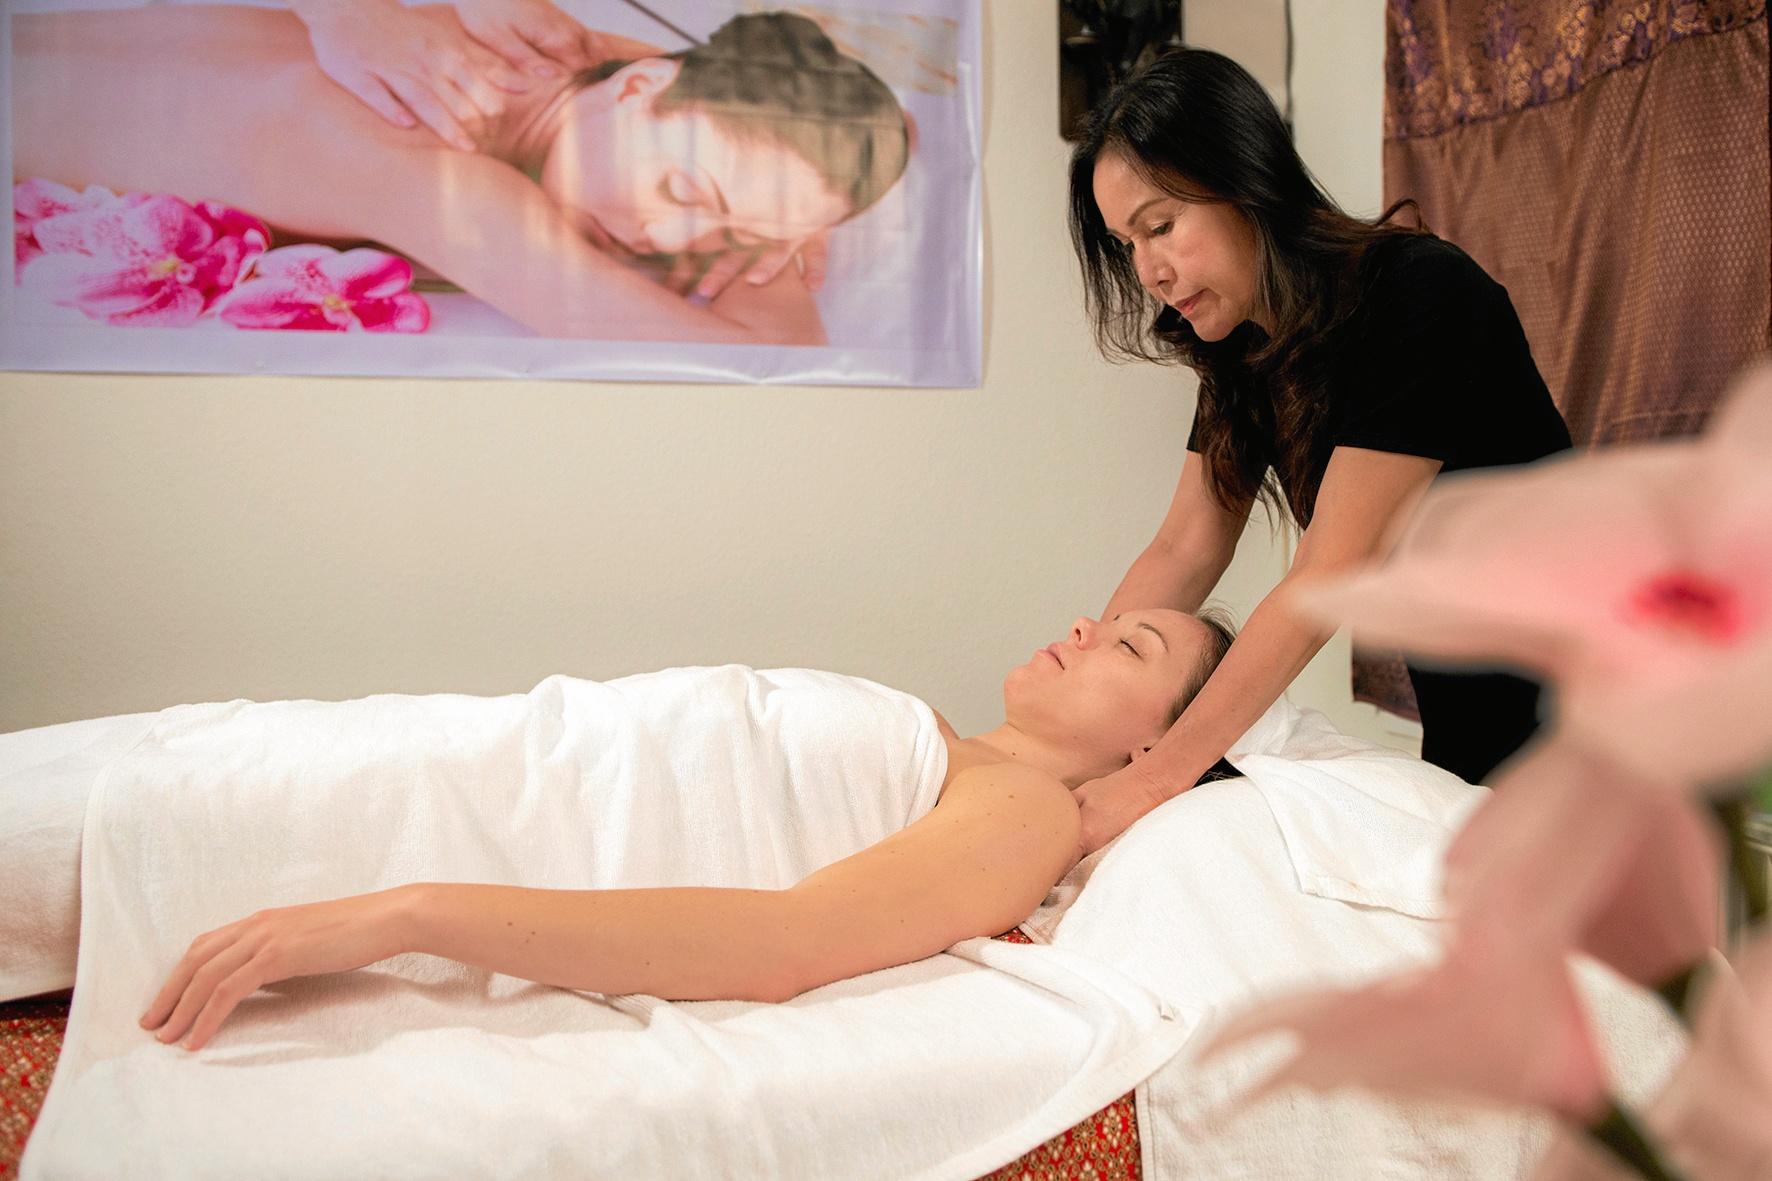 Escort Anal Thai Massage Voksen Porno Shemael Sex.